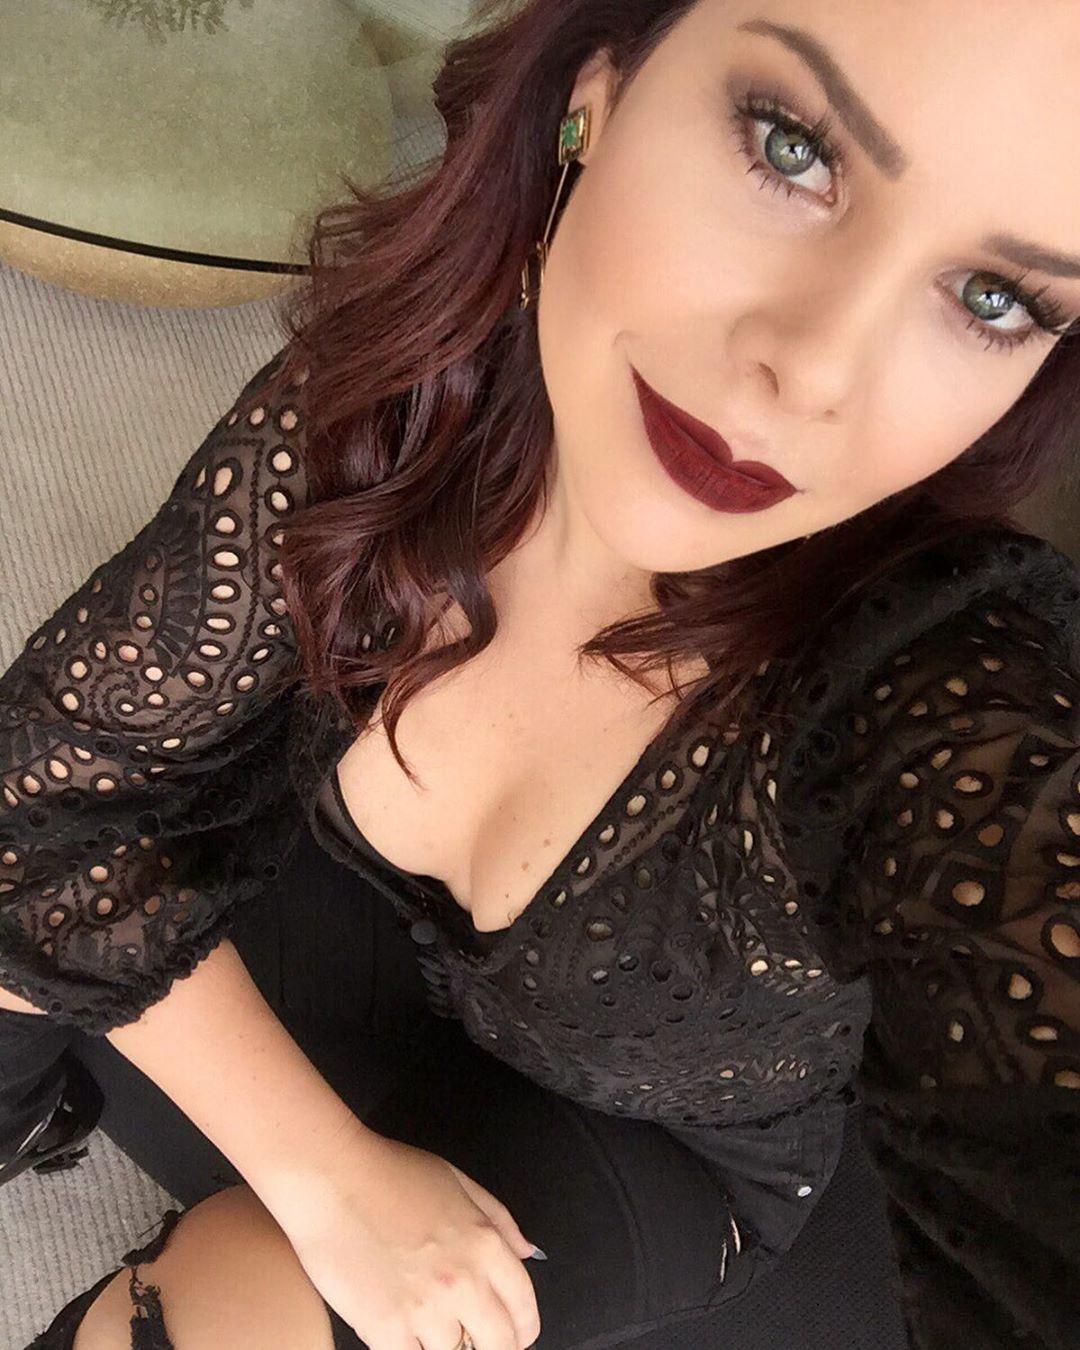 Fernanda Souza abusou do decote e da make pesada em clique (Foto: Reprodução/Instagram) Thiaguinho